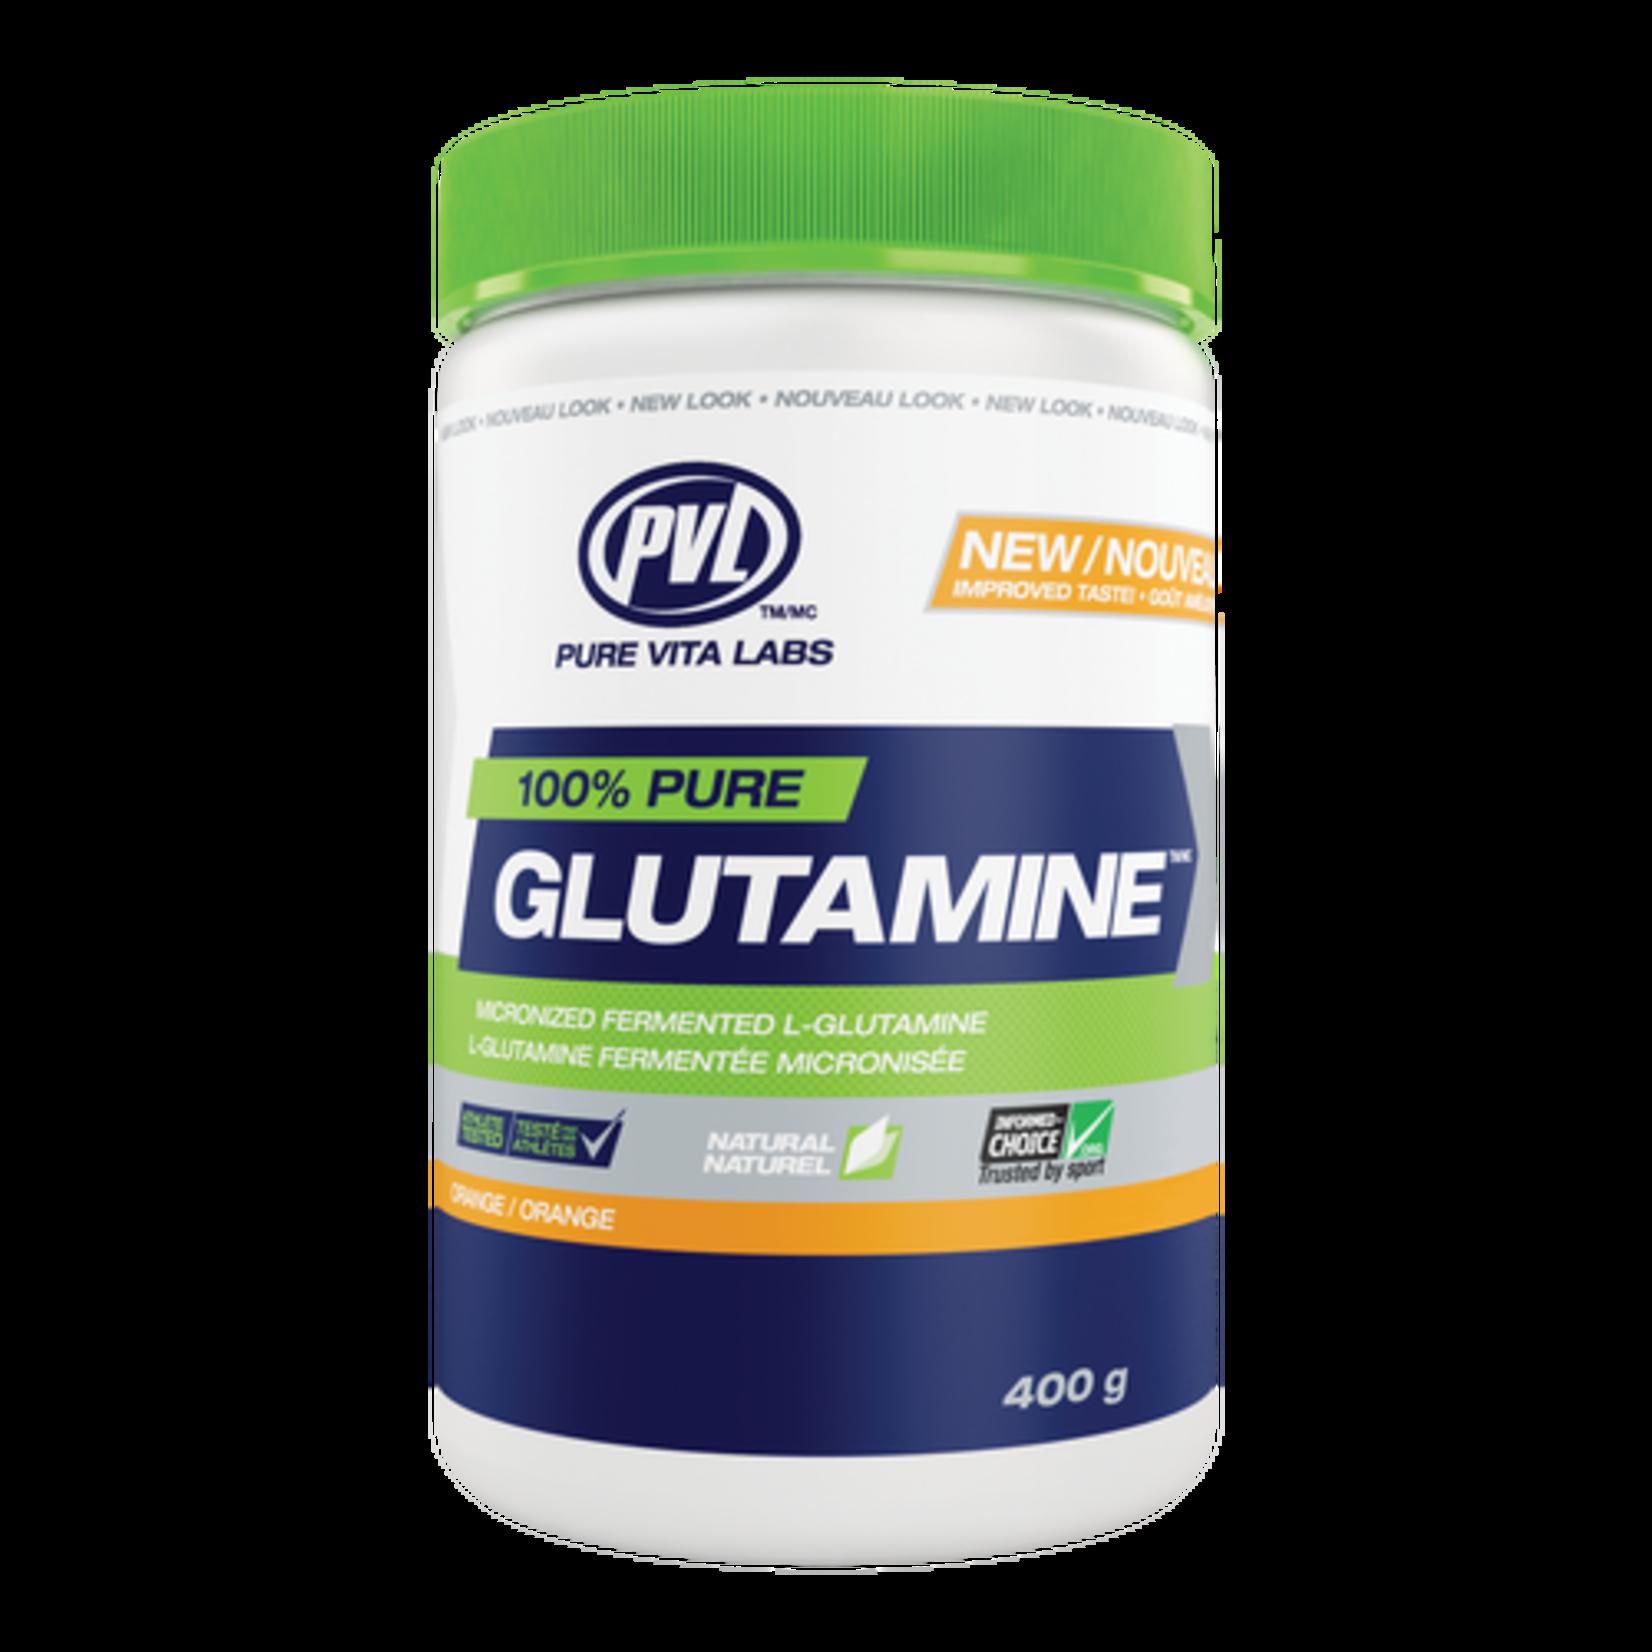 PVL 100% Pure Glutamine - Orange 400g